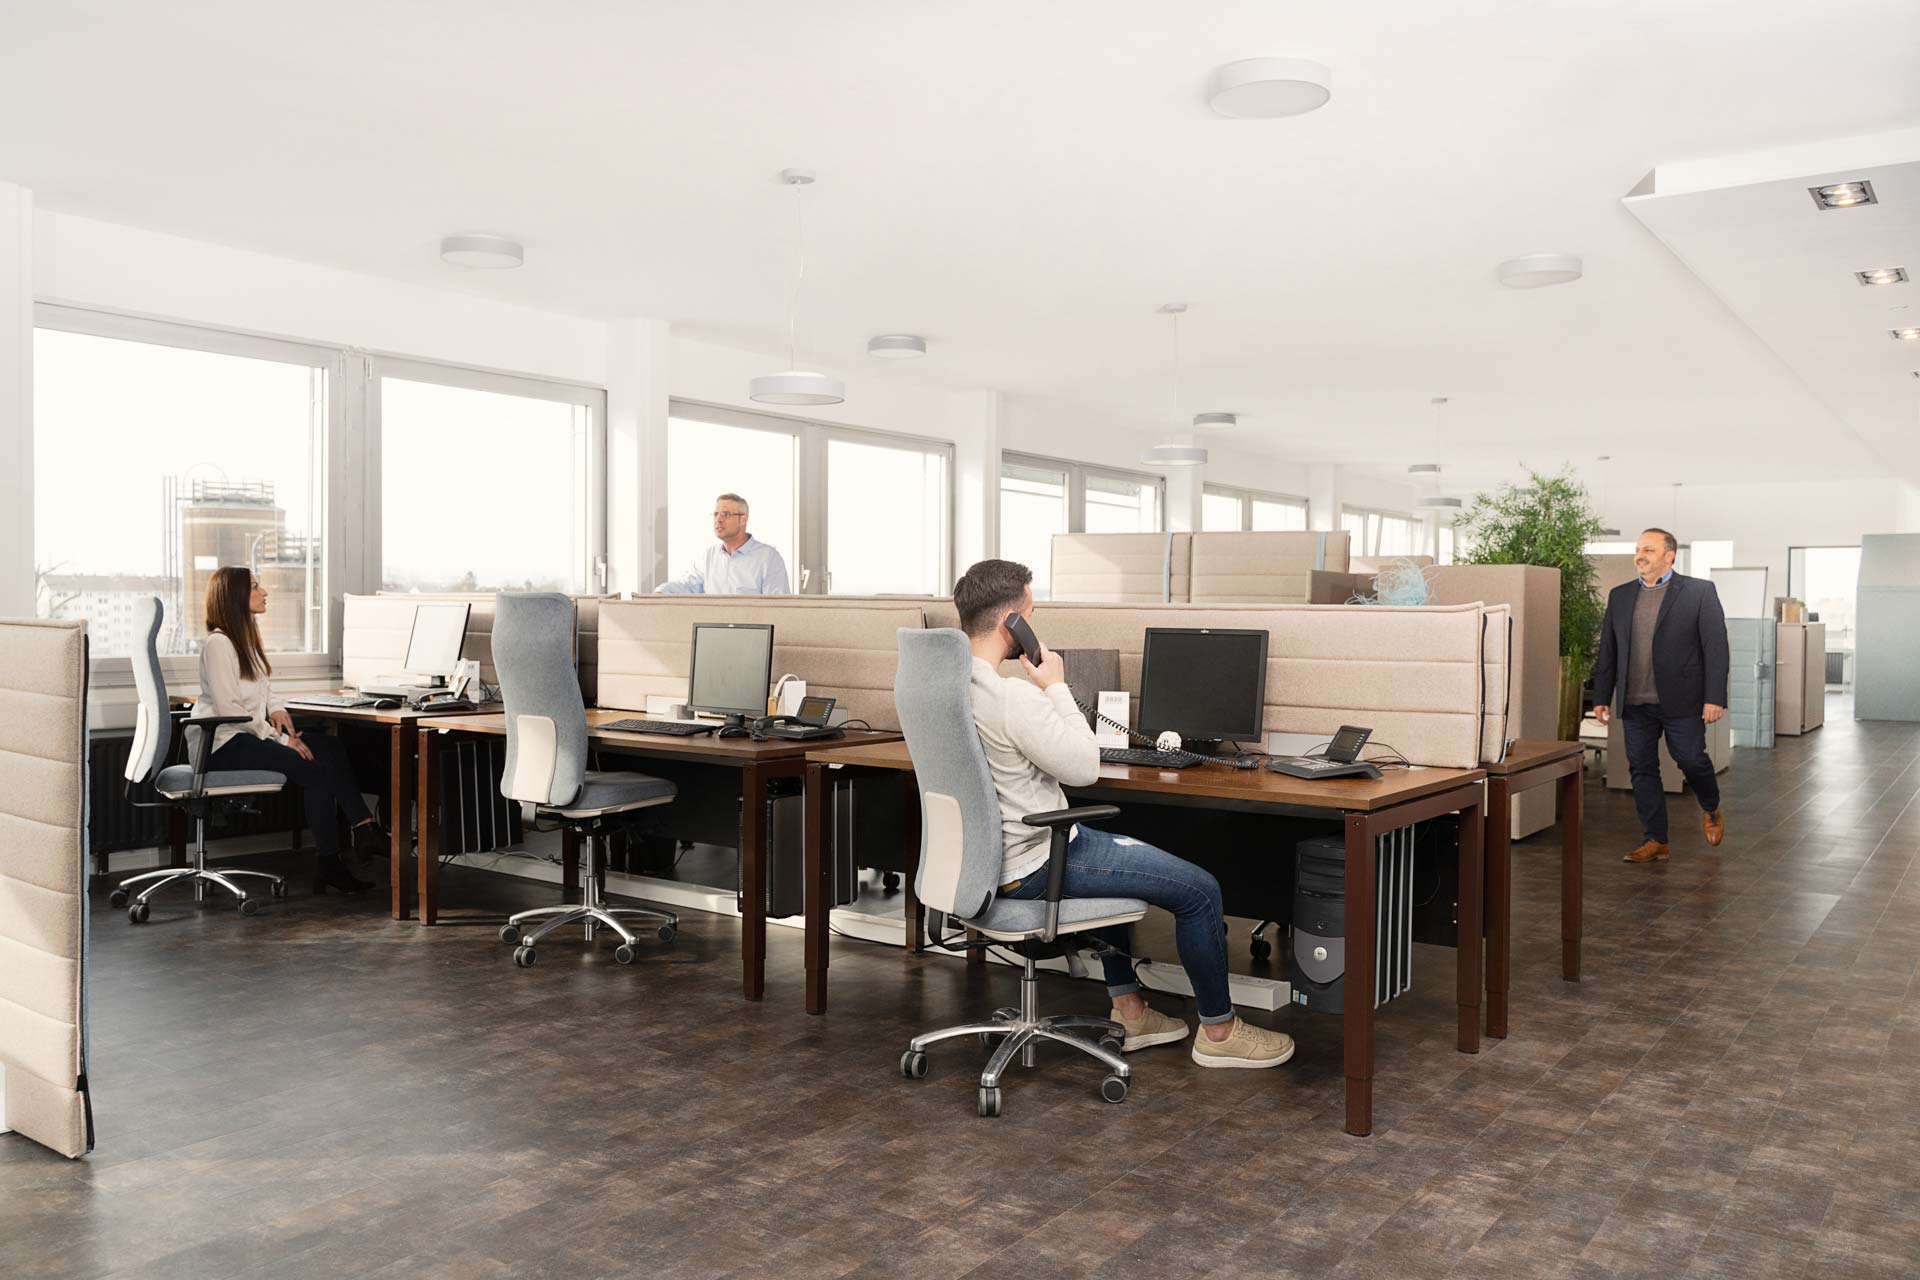 gesund arbeiten gmbh - Ergonomische Büroeinrichtungen